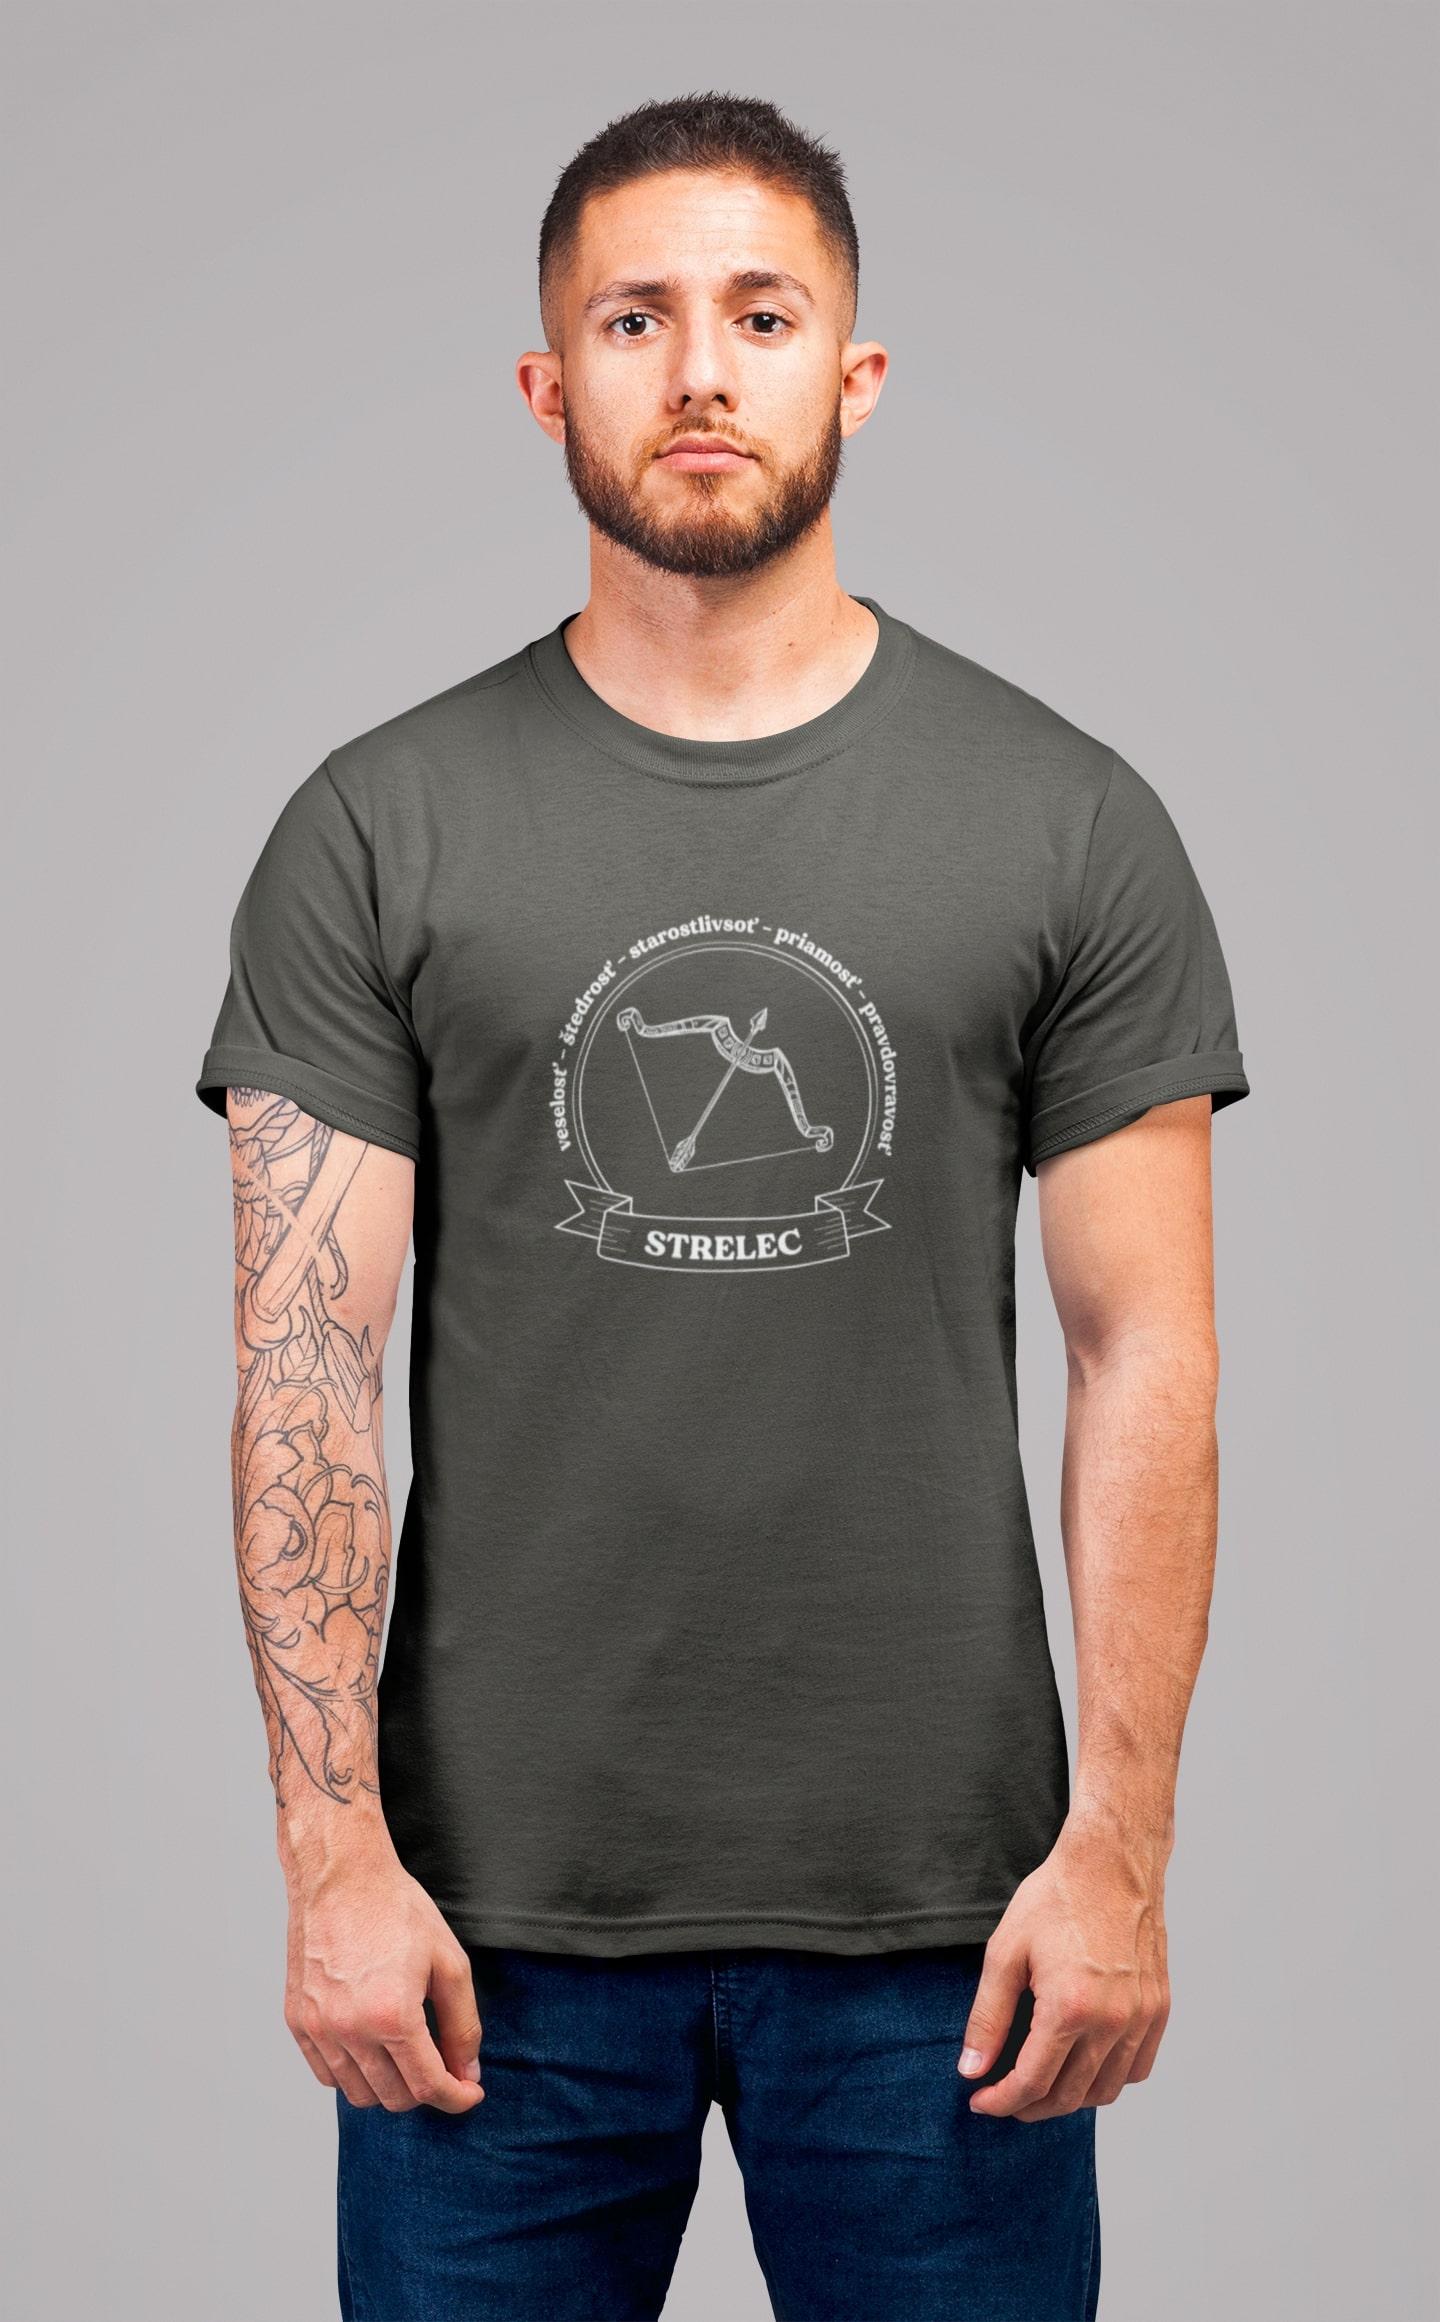 MMO Pánske tričko Strelec Vyberte farbu: Tmavá bridlica, Vyberte veľkosť: XL